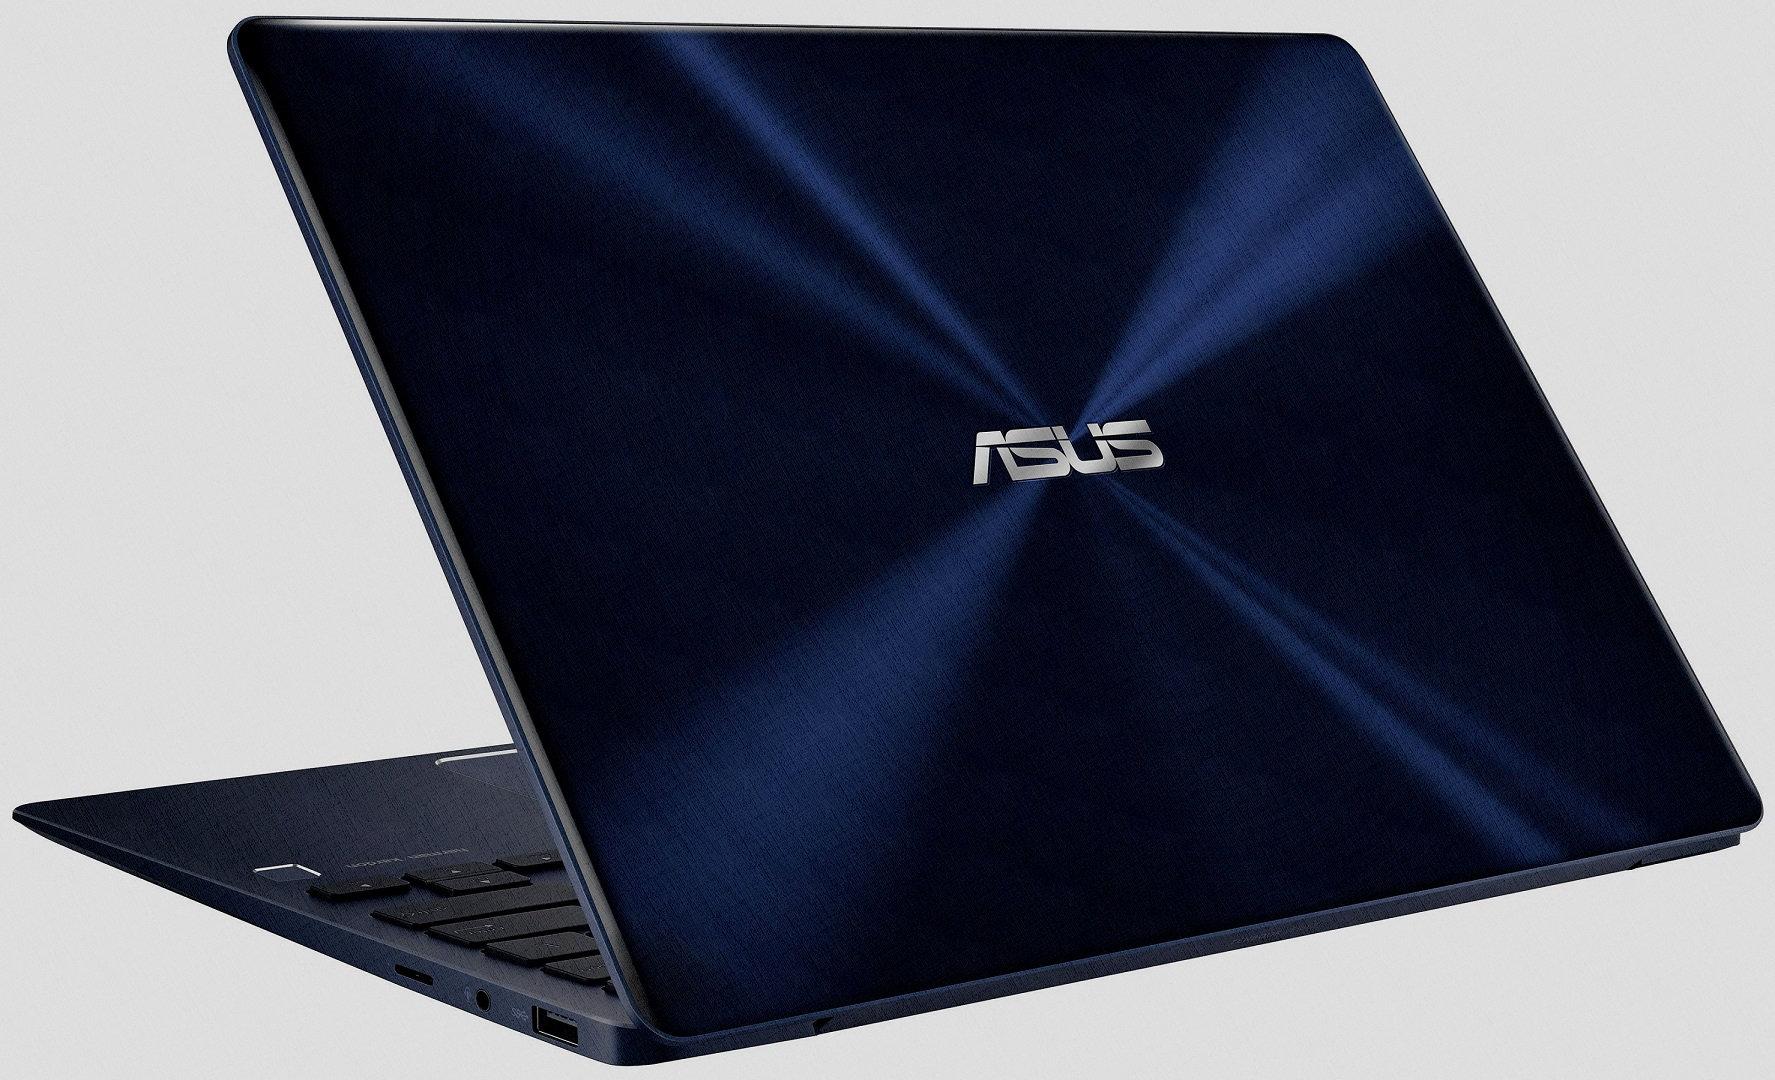 второй входит в рейтинг 2019 года ASUS Zenbook XMAS UX331UA-EG156T 90NB0GZ1-M04880 Royal Blue